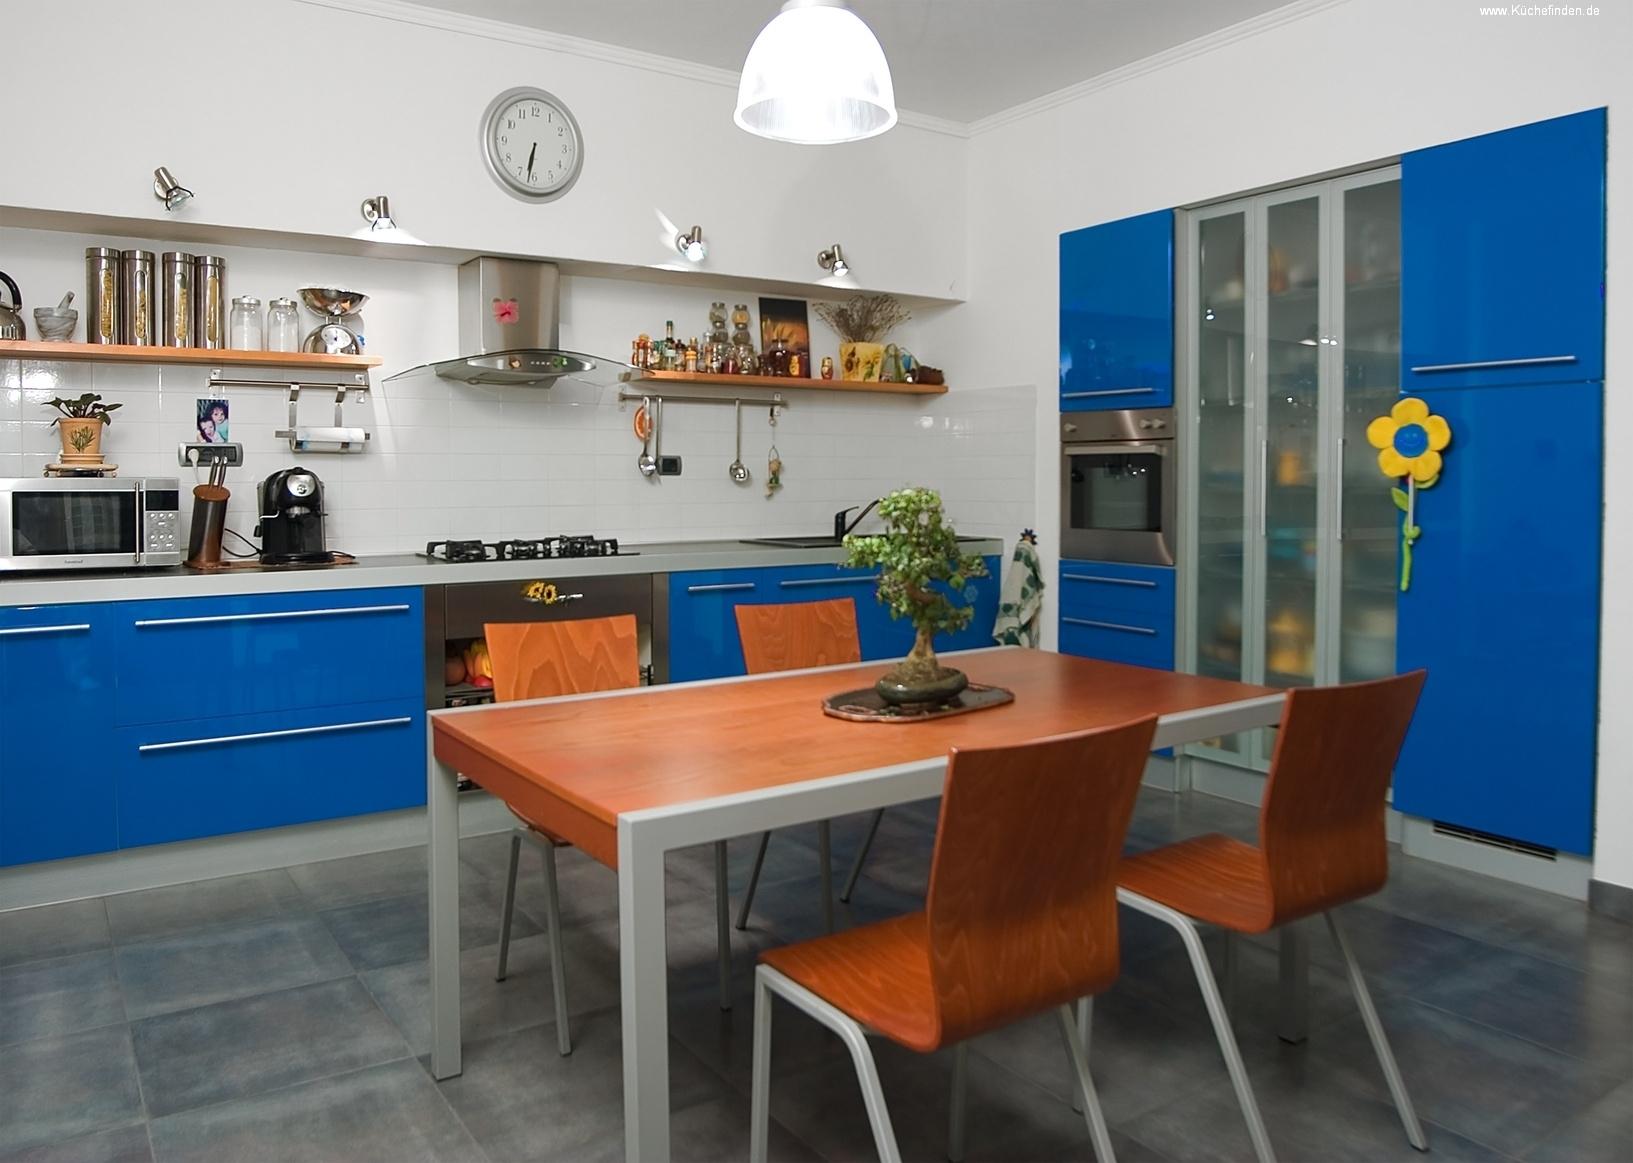 Ikea katalog aktuelle angebote im ikea bilderrahmen ideen for Ikea küchen angebote